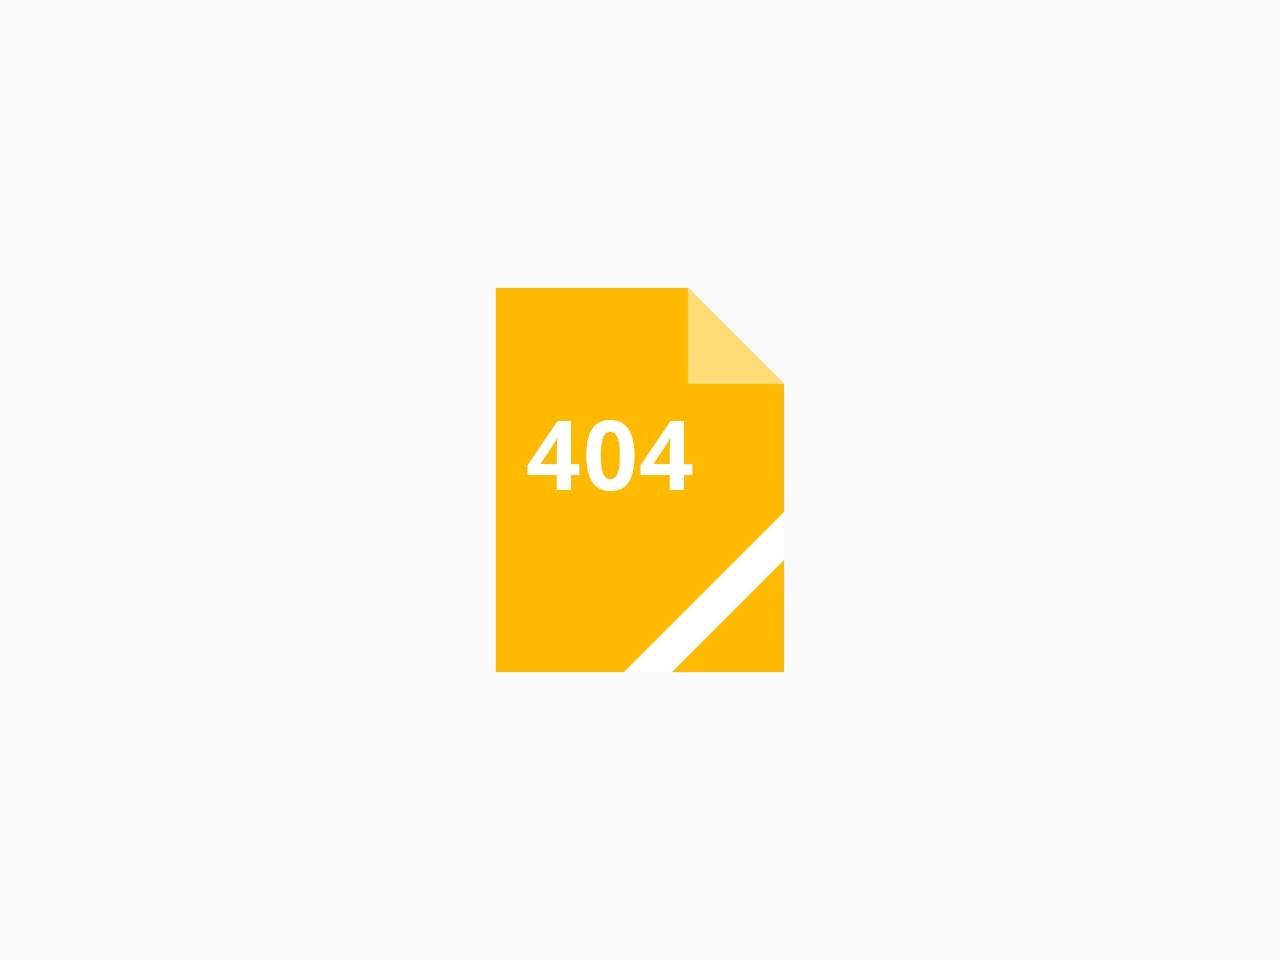 『2021臺北燈節』全國各級學校花燈競賽實施計畫 (原訂於2月舉辦,延期至110年9月辦理)